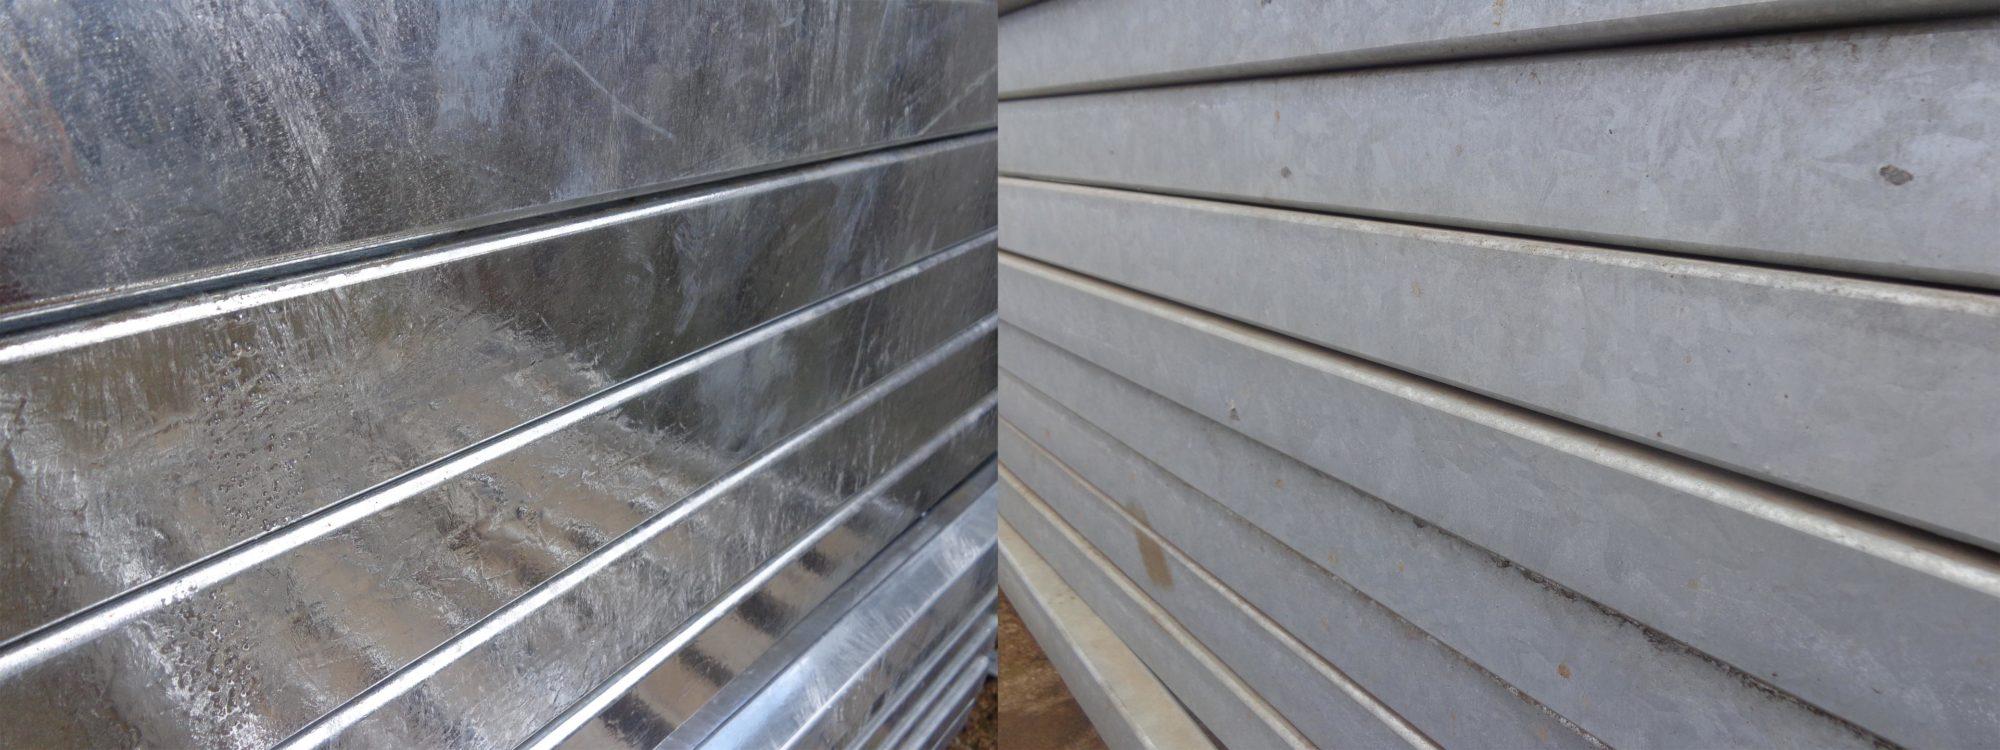 Zinc patina forming